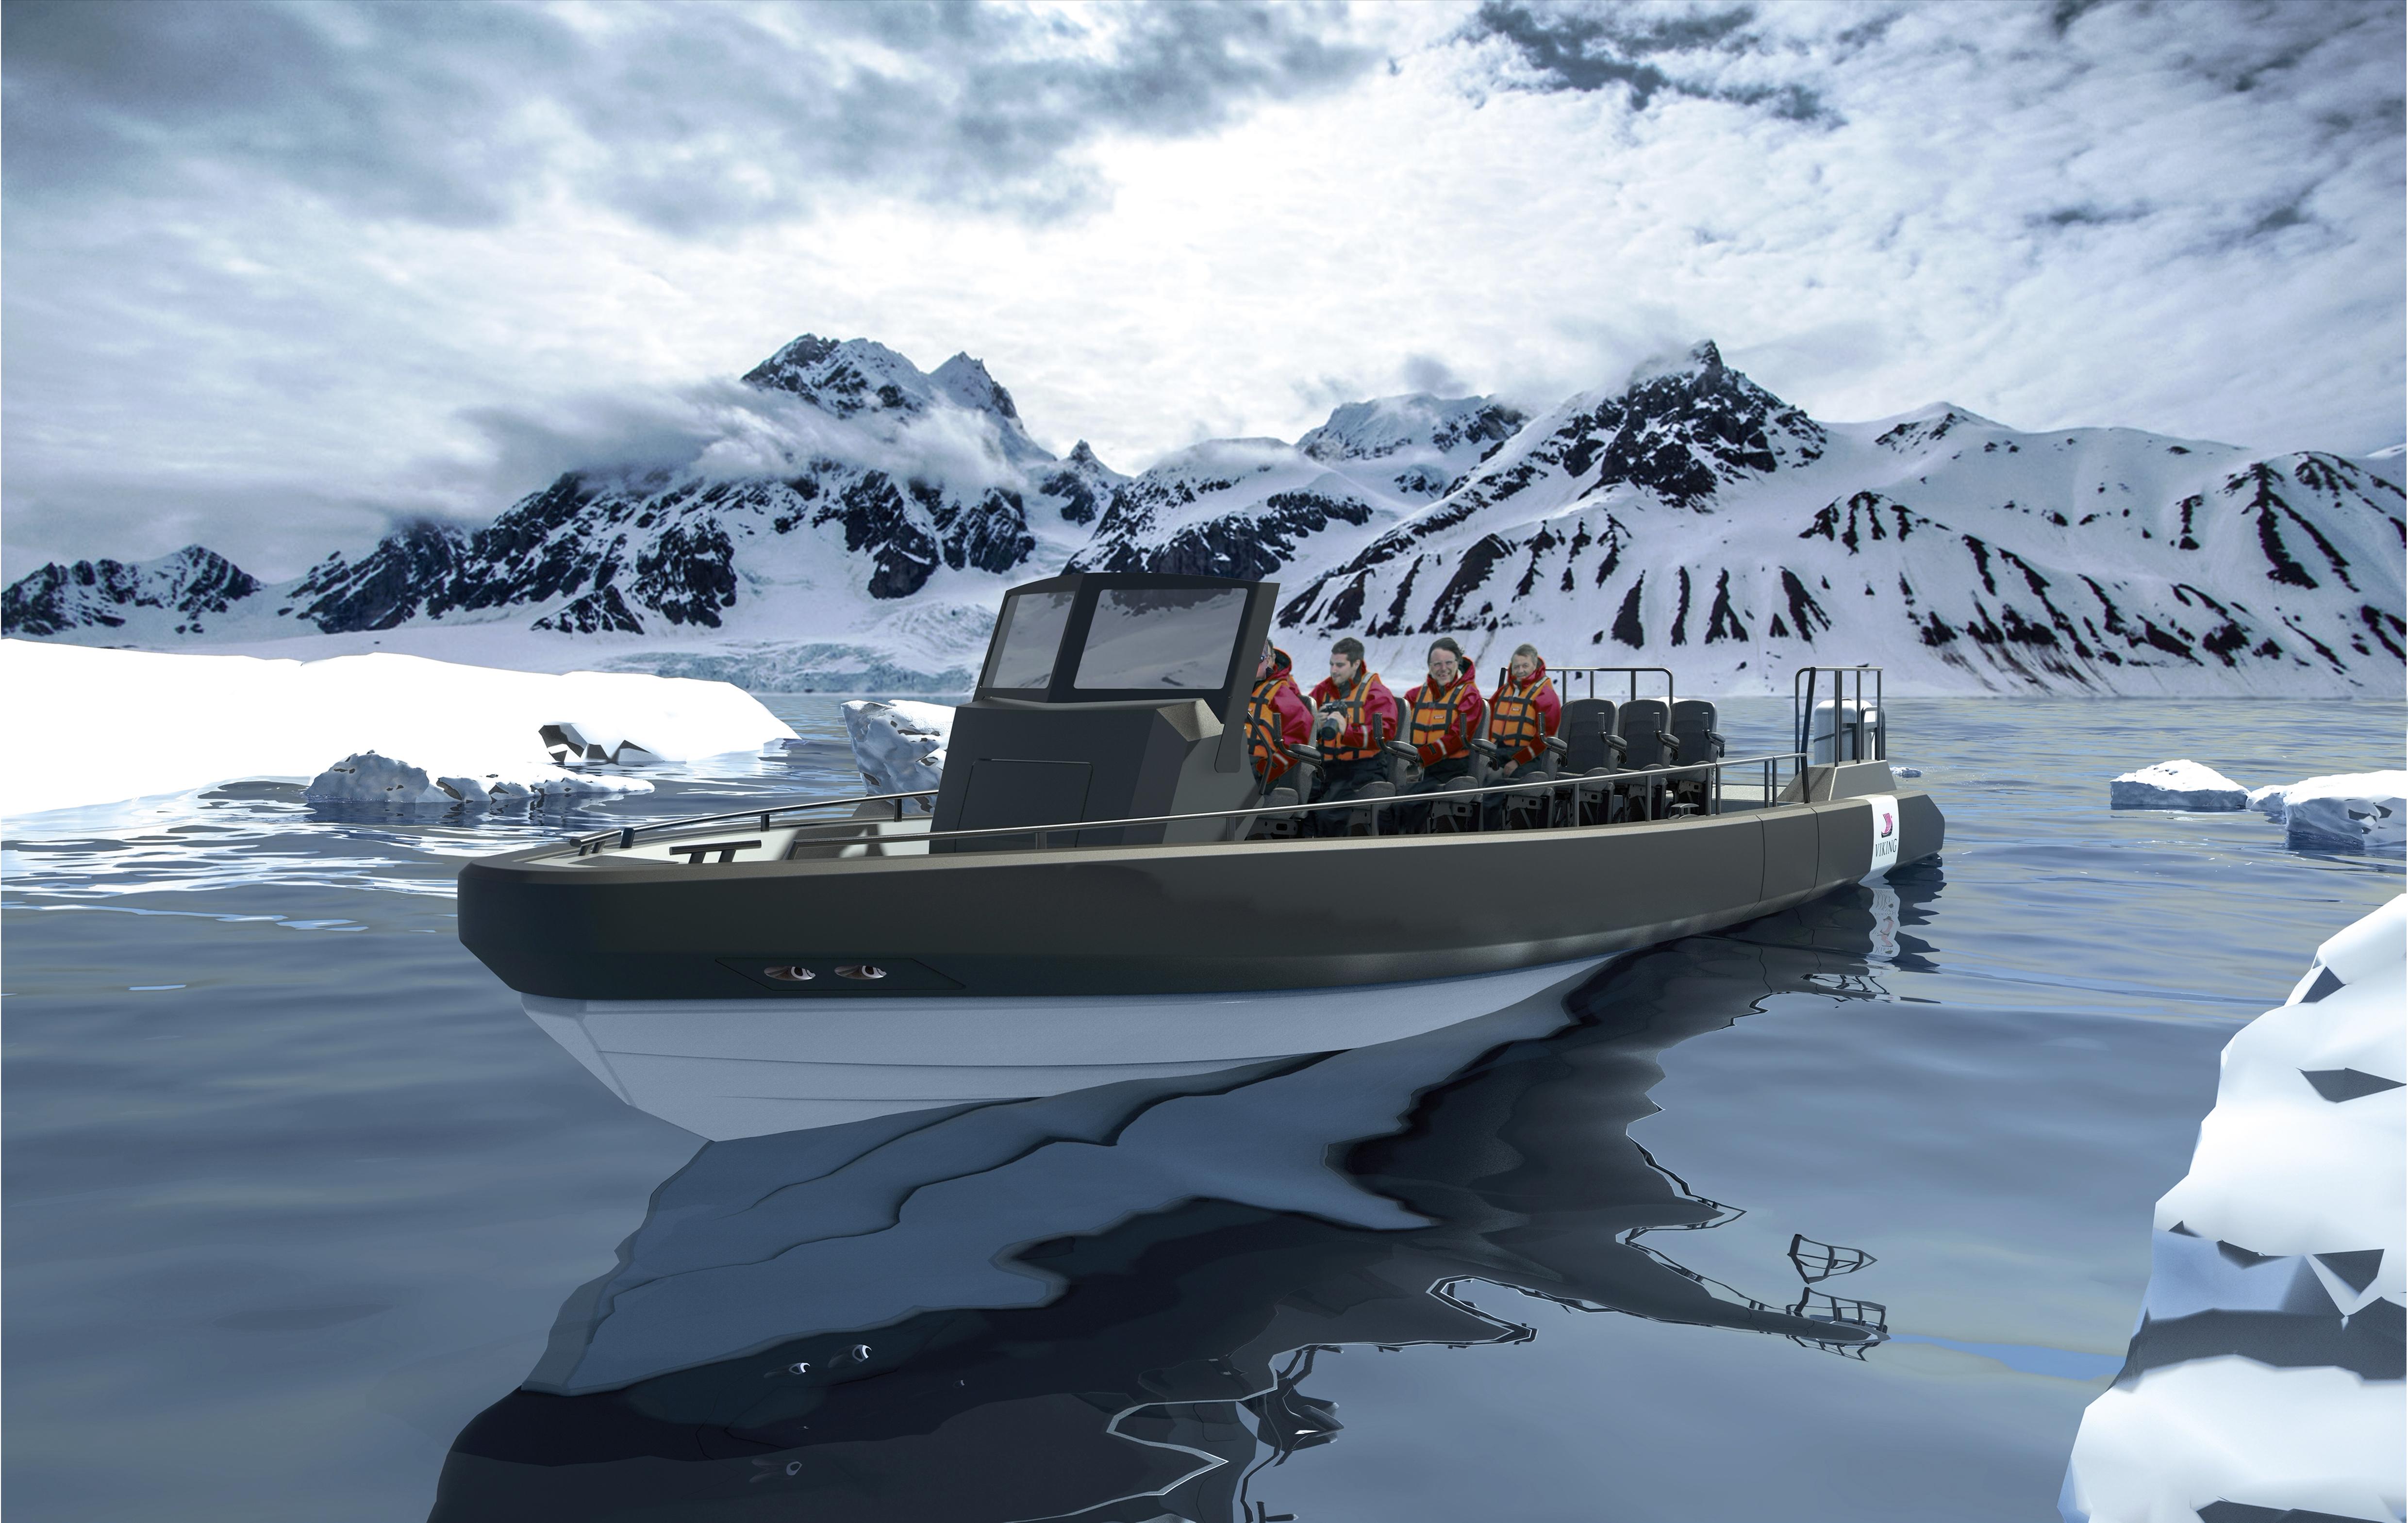 Viking Expedition Ship Convertible RIB Excursion